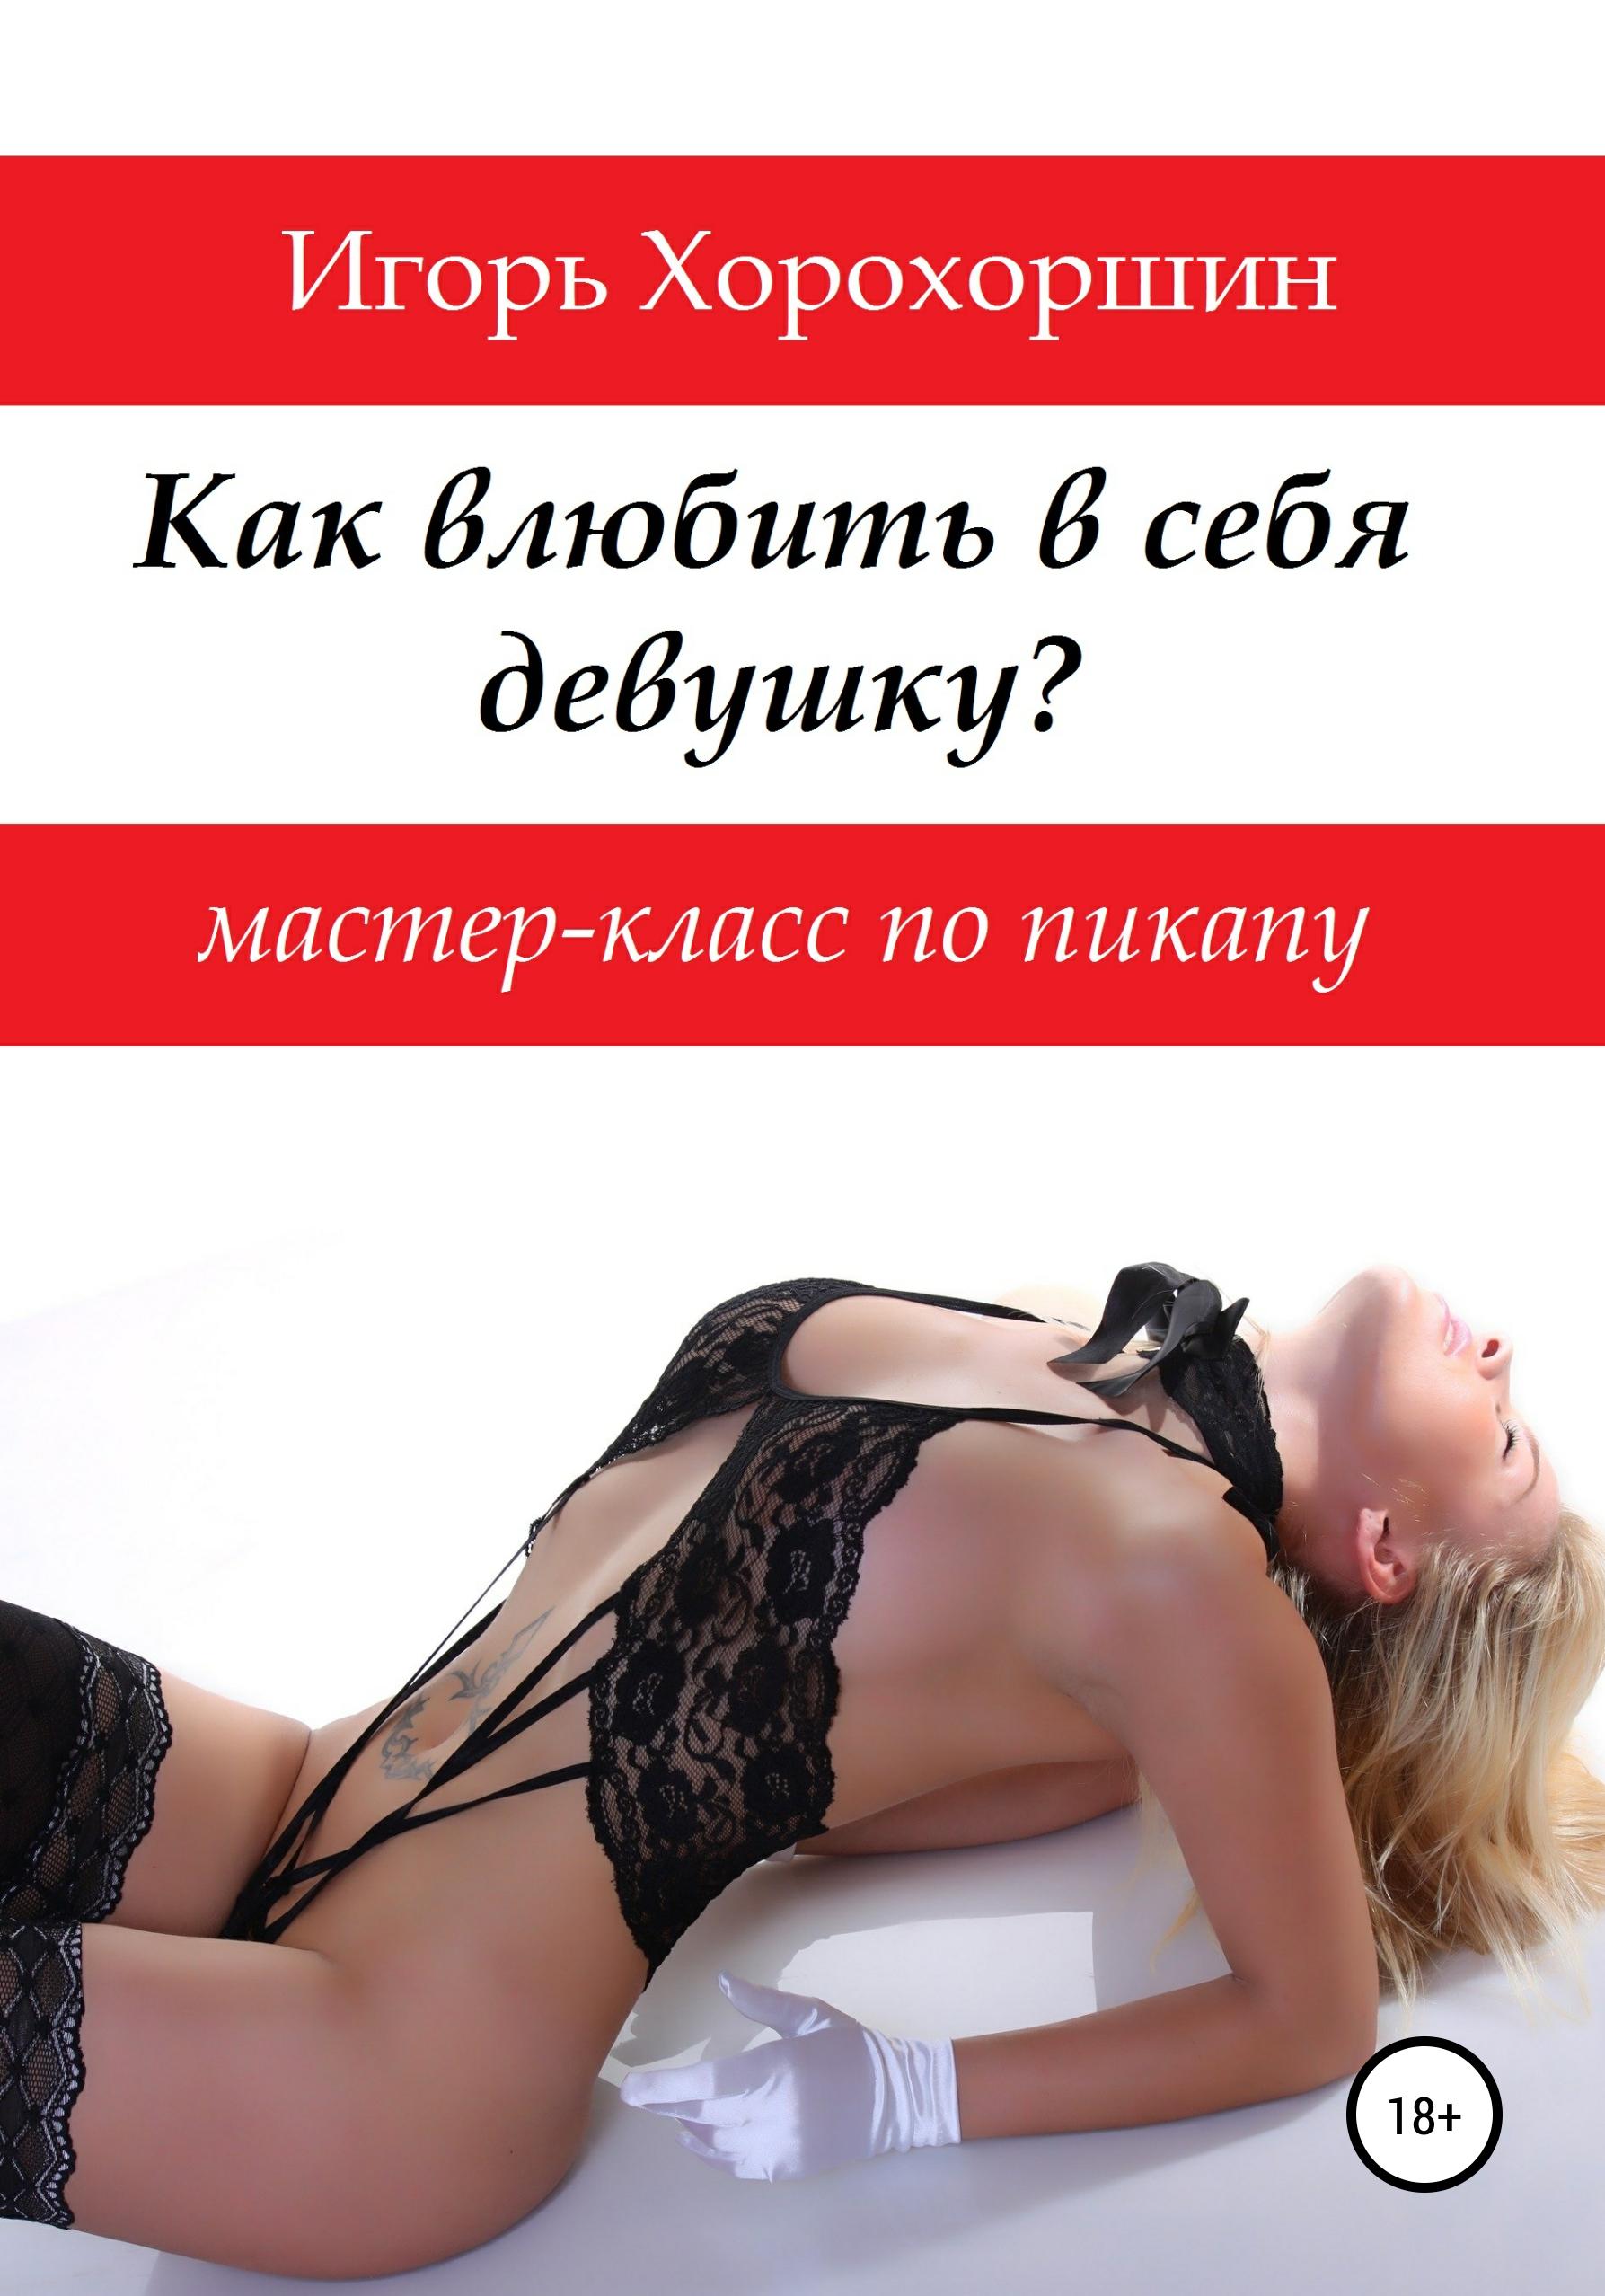 Мастер-класс по пикапу: как влюбить в себя девушку?